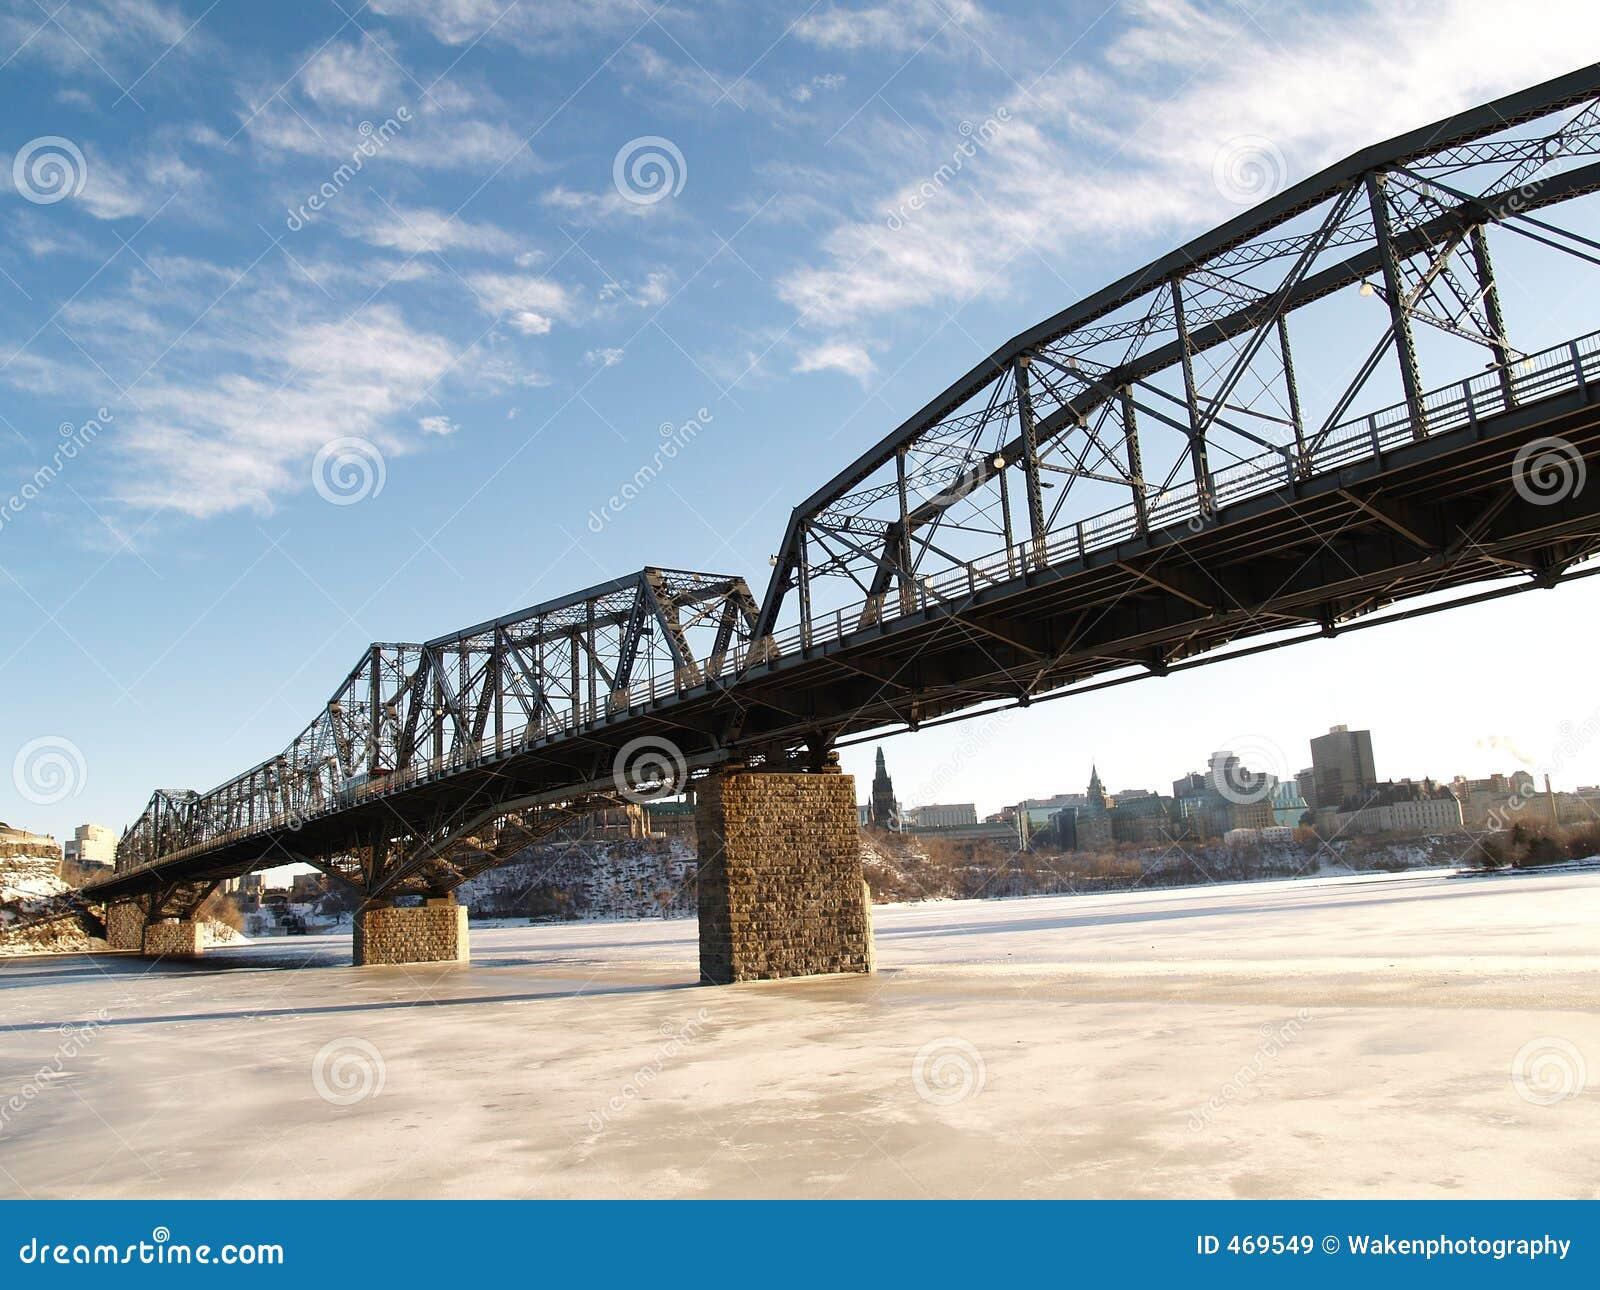 Download Long bridge! stock image. Image of long, lake, skate, water - 469549